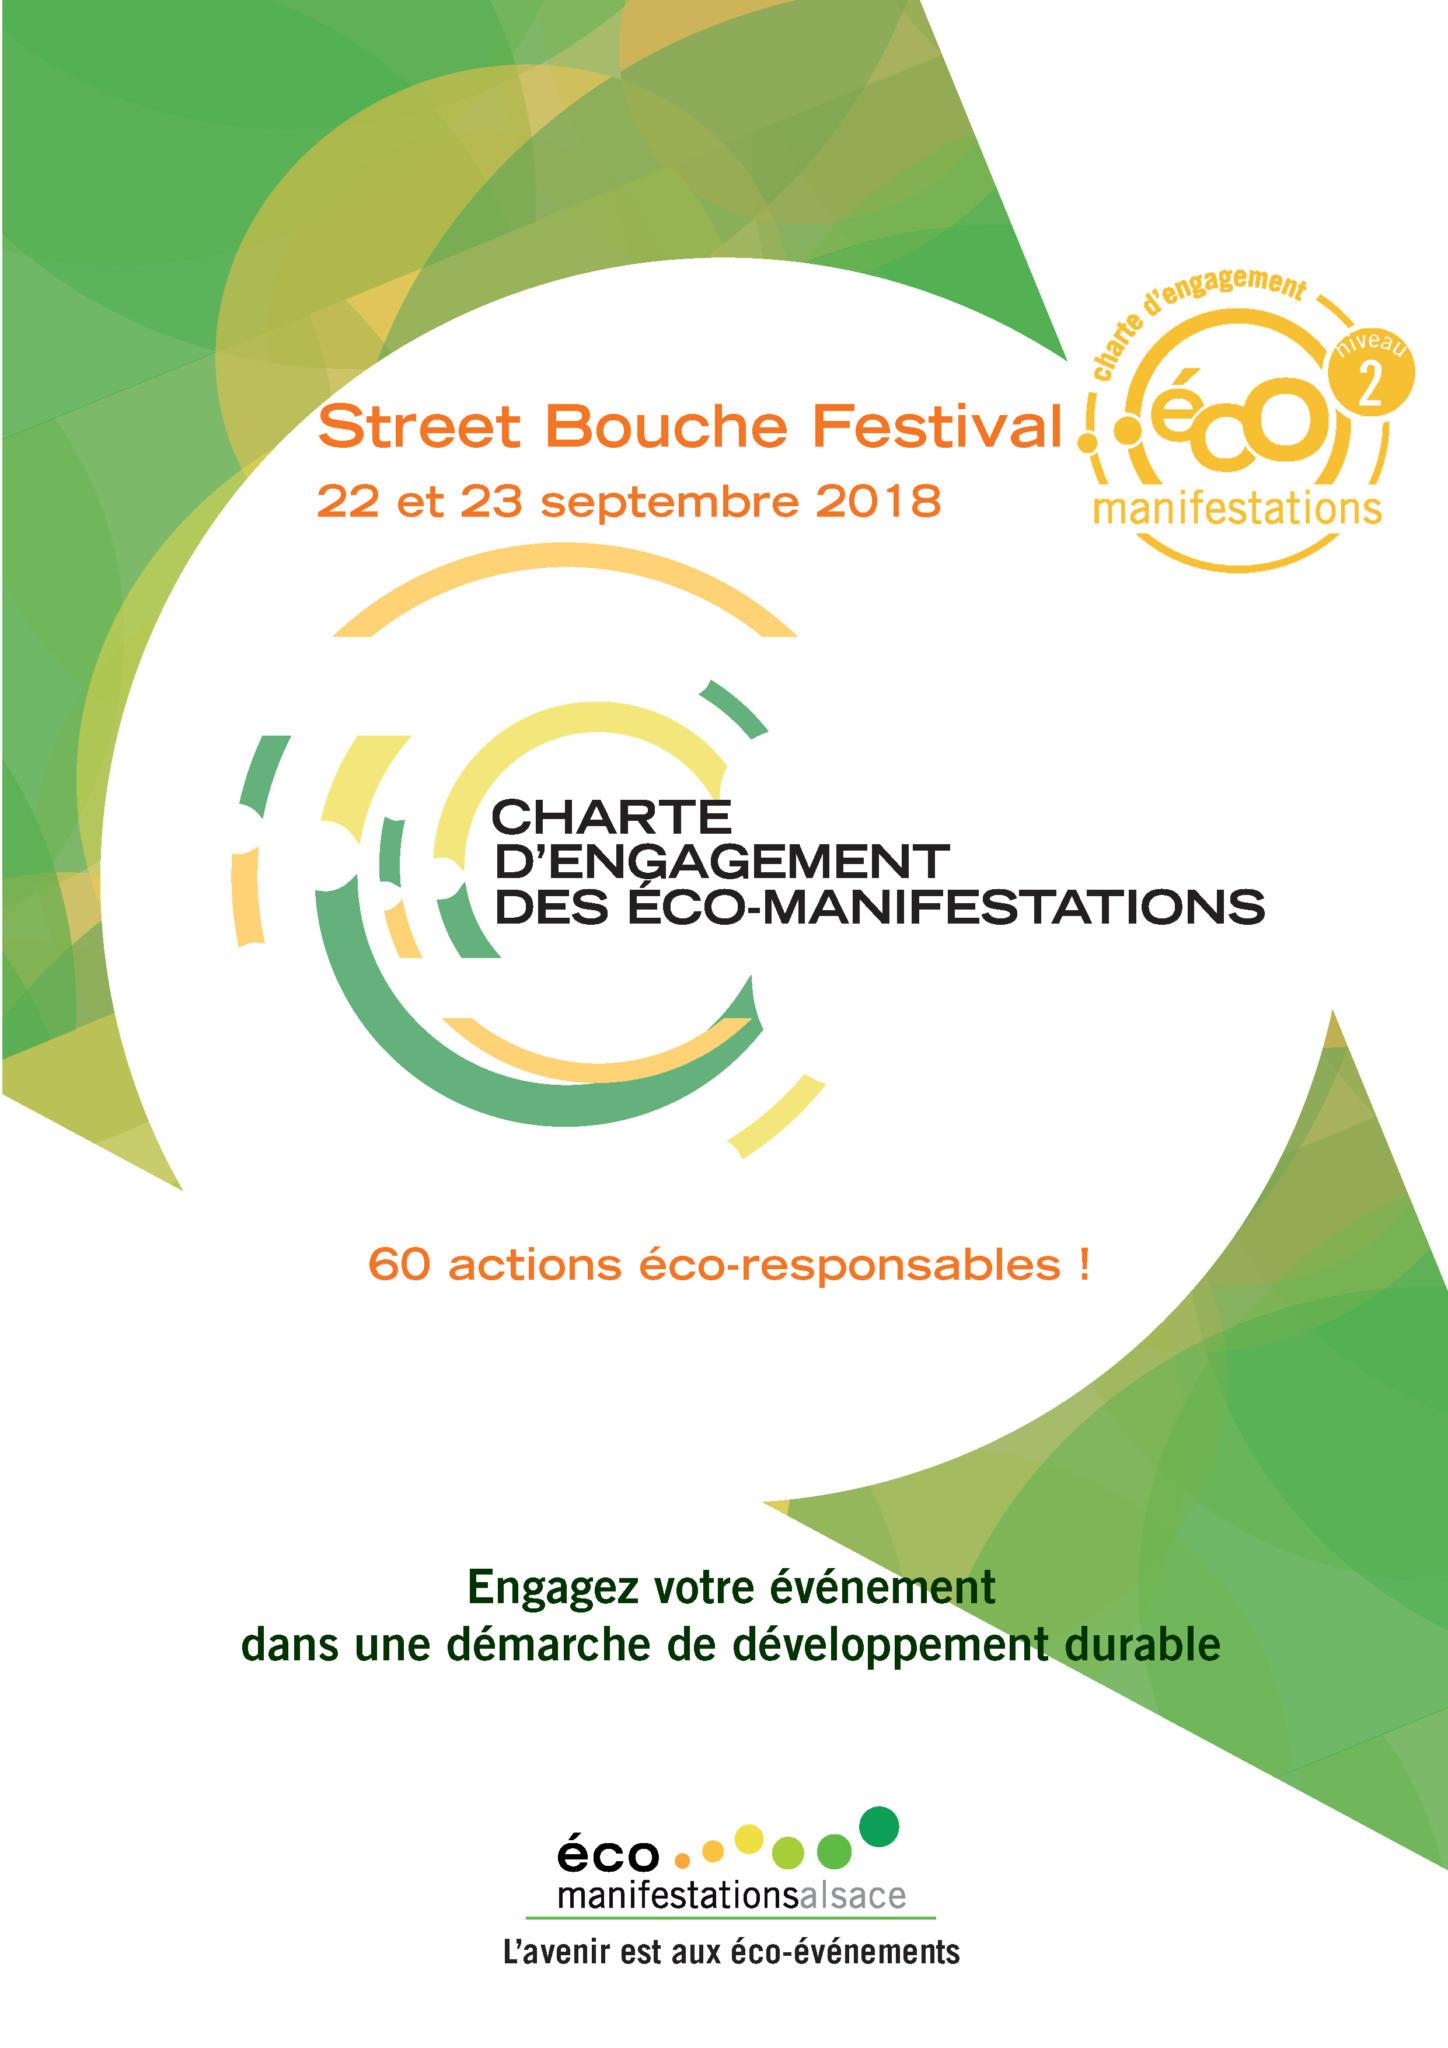 3. Charte SBF complétée N2 Page 1 - À propos de Street Bouche